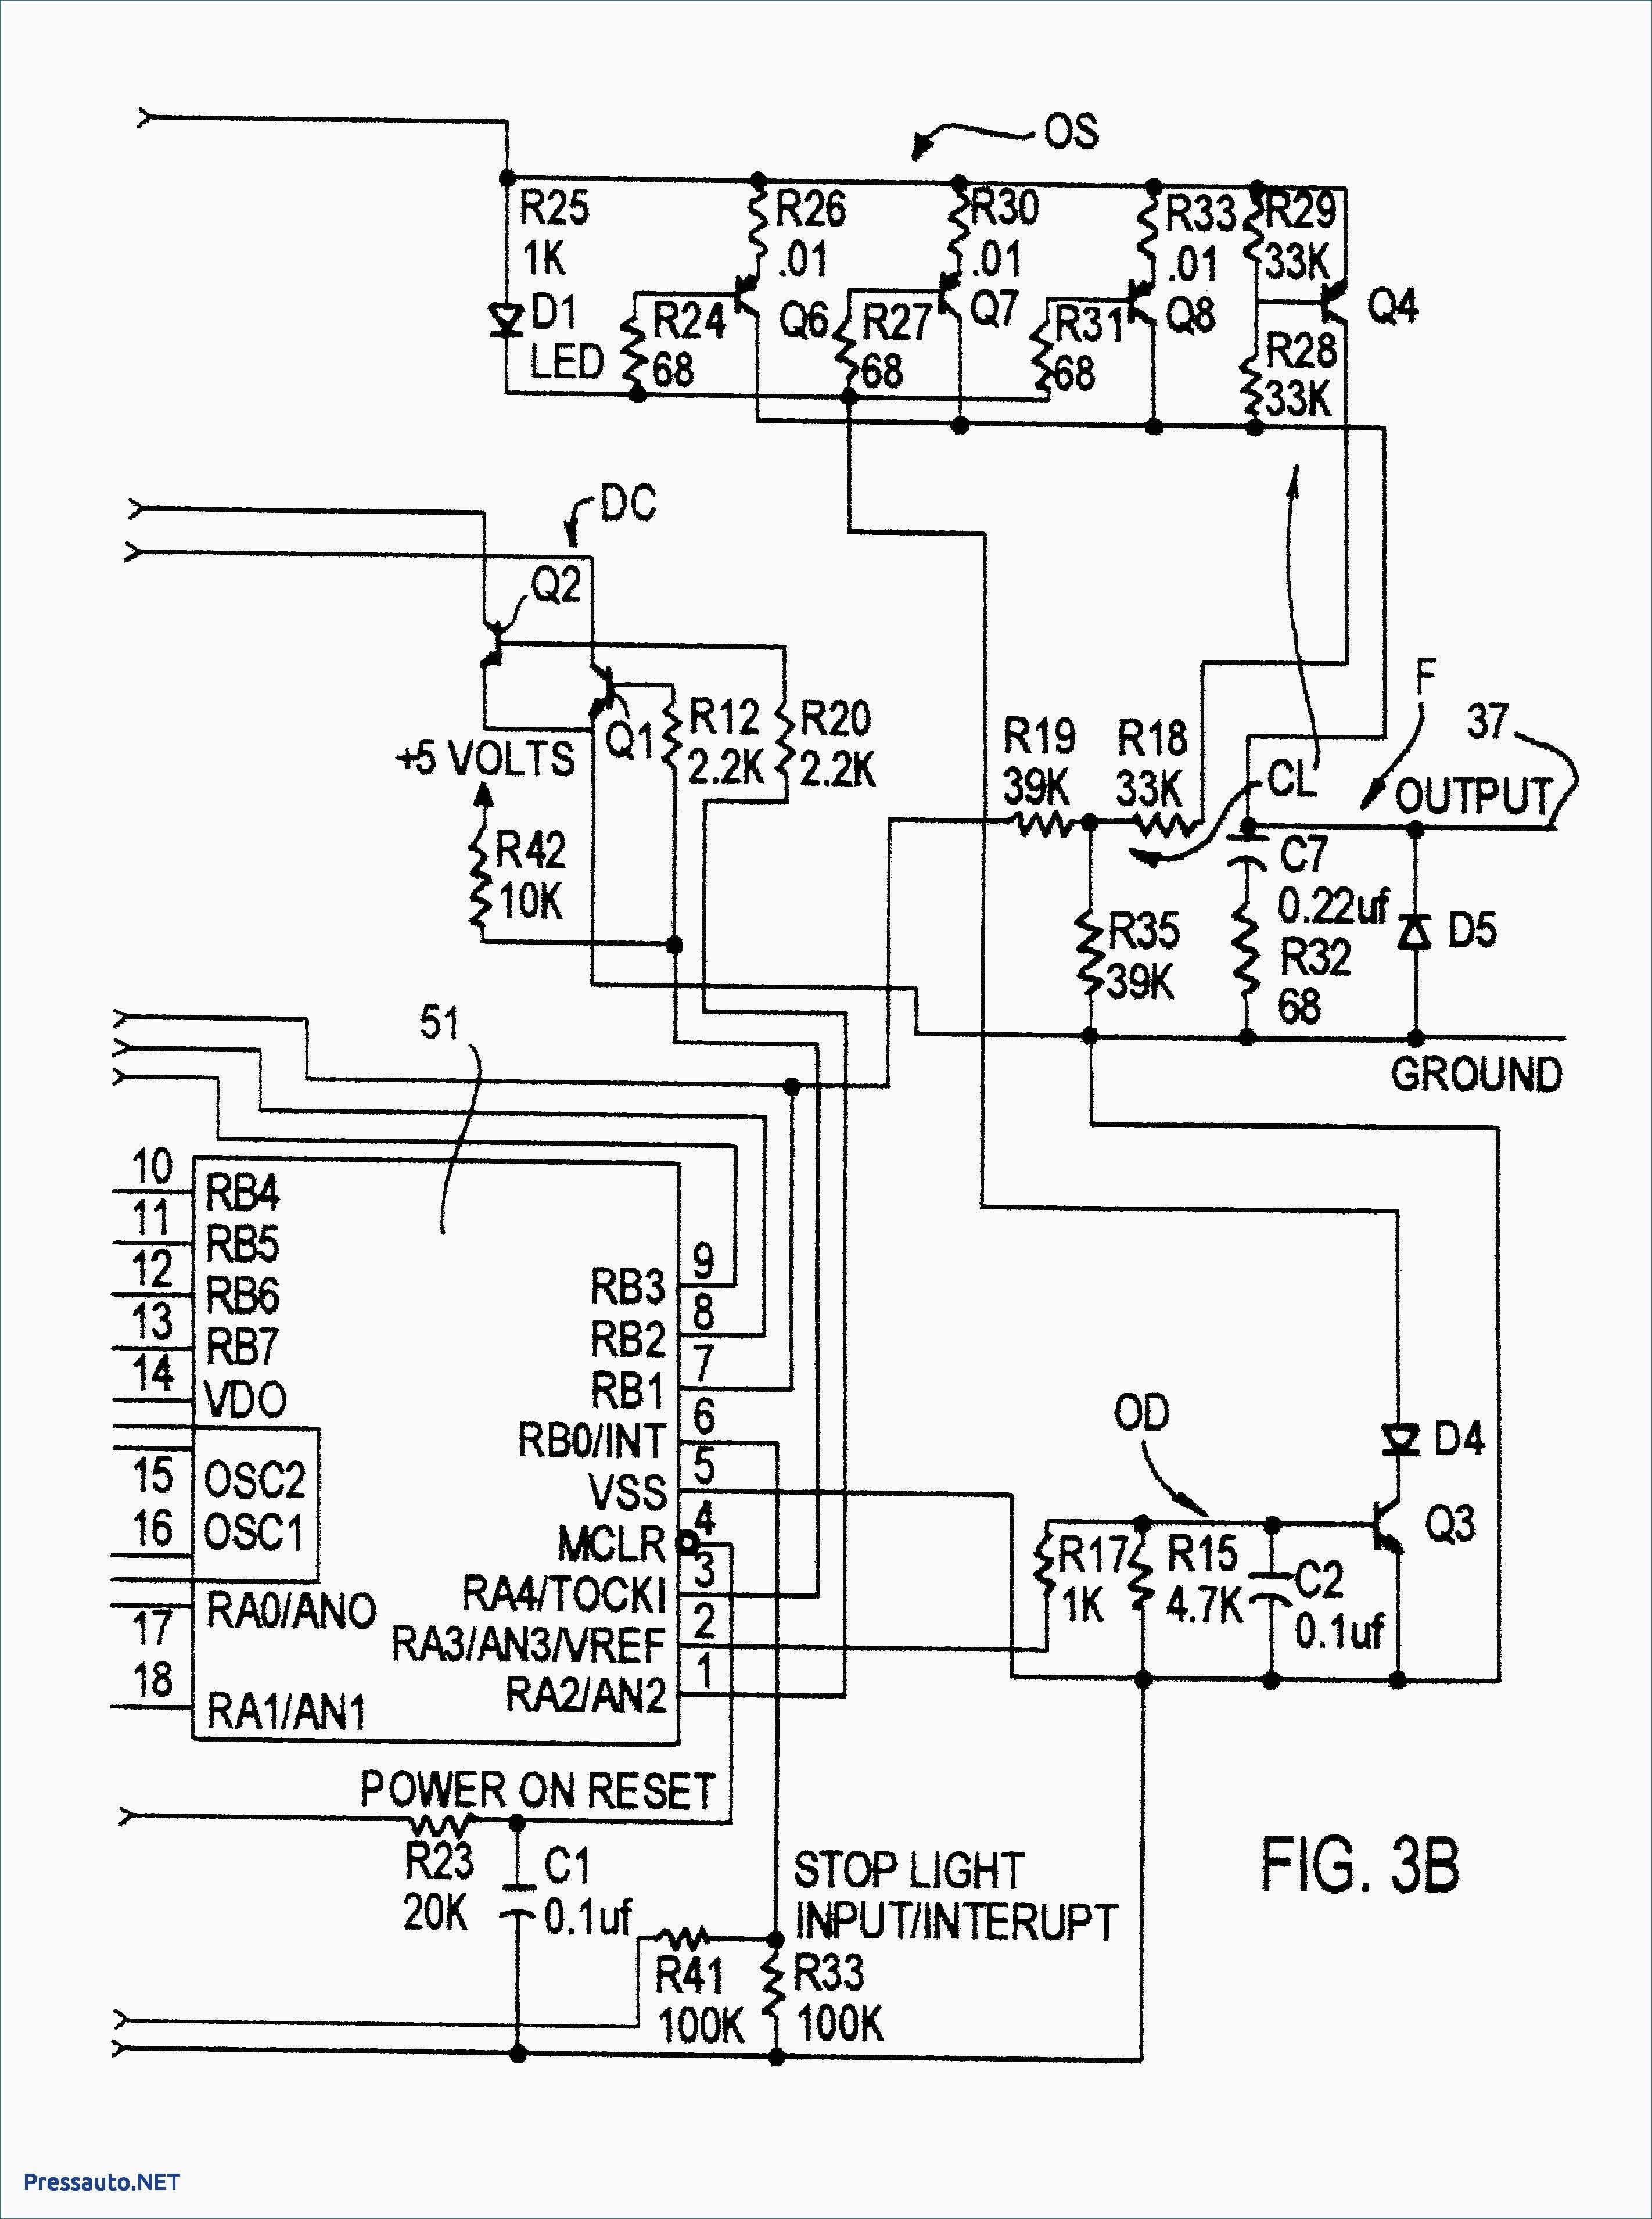 Wiring Diagram 1930 Snorkle Scissor Lift Scissor Lift Wiring Diagram Auto Electrical Wiring Diagram Of Wiring Diagram 1930 Snorkle Scissor Lift